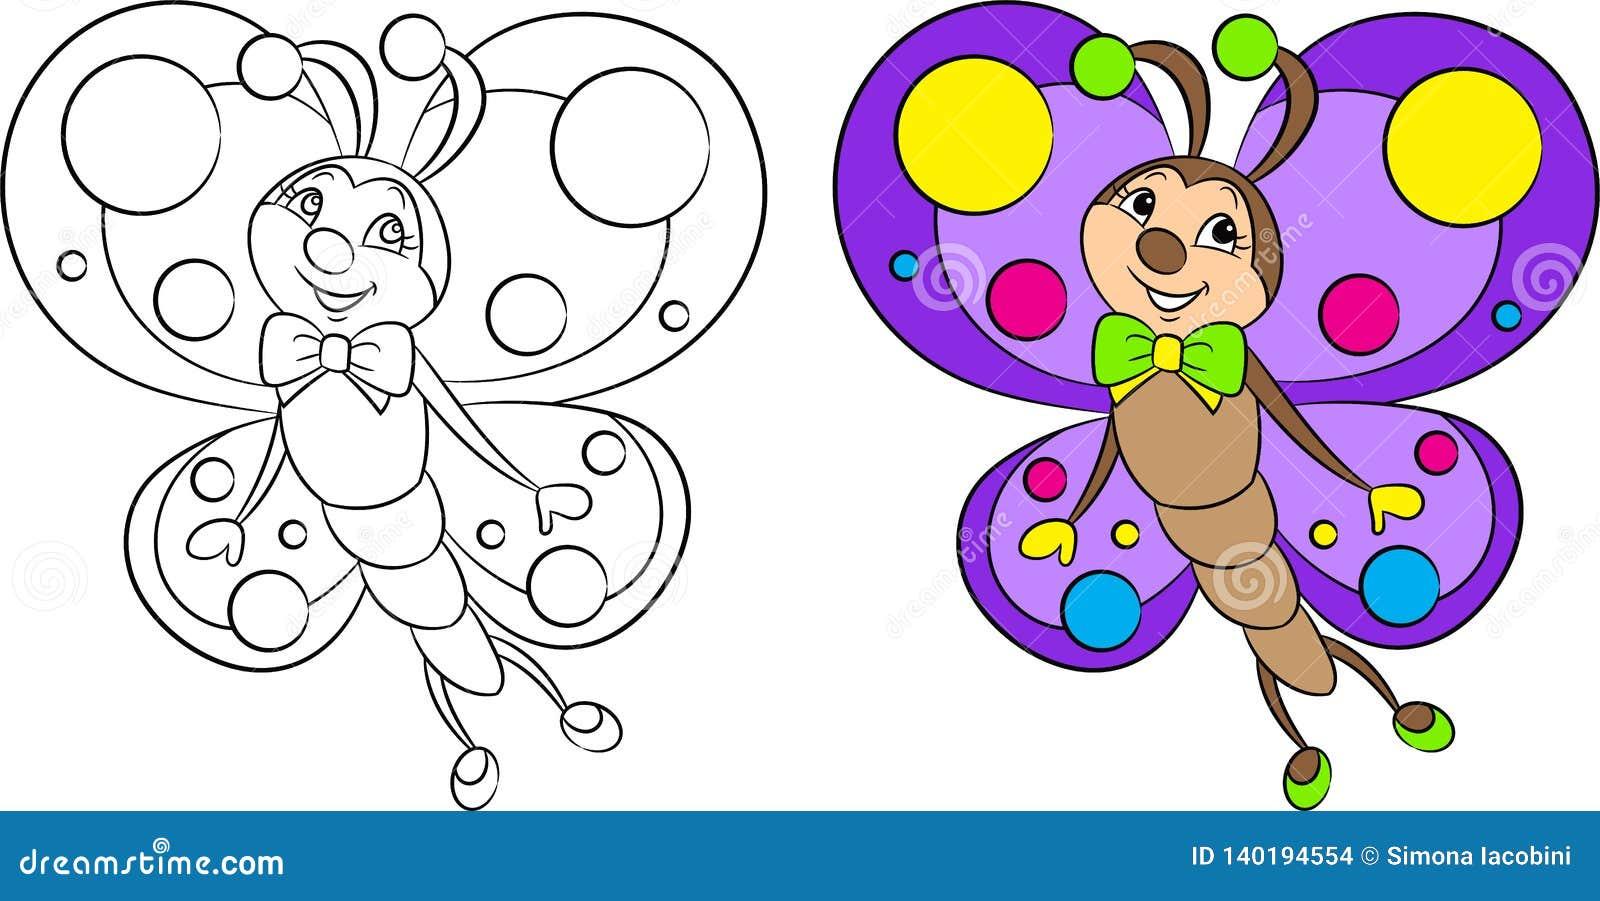 Adorable Antes Y Despues Del Dibujo Del Kawaii De Una Pequena